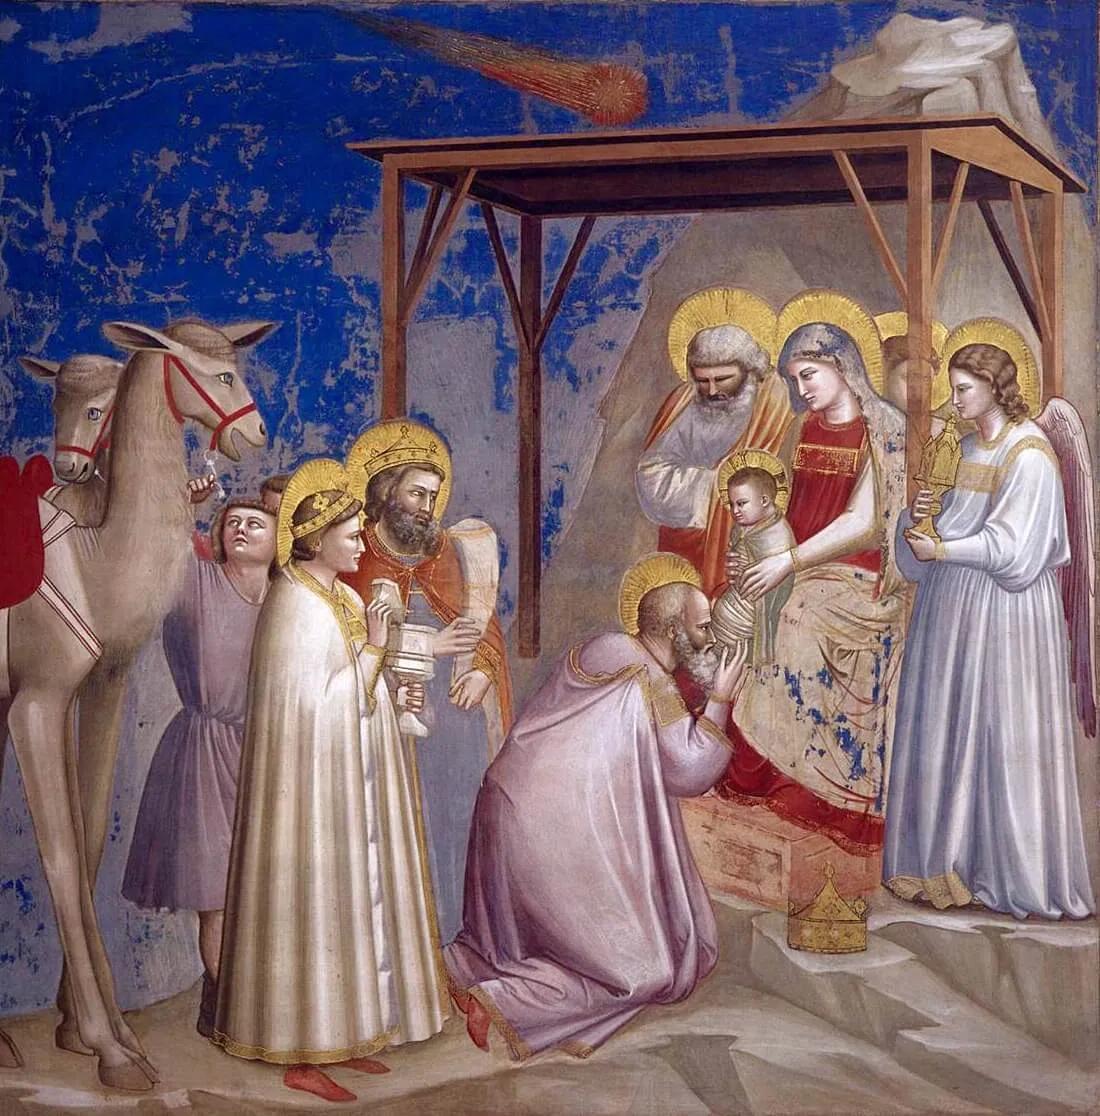 Джотто ди Бондоне «Поклонение волхвов» (1304 — 1306). Фреска капеллы дель Арена, Падуя